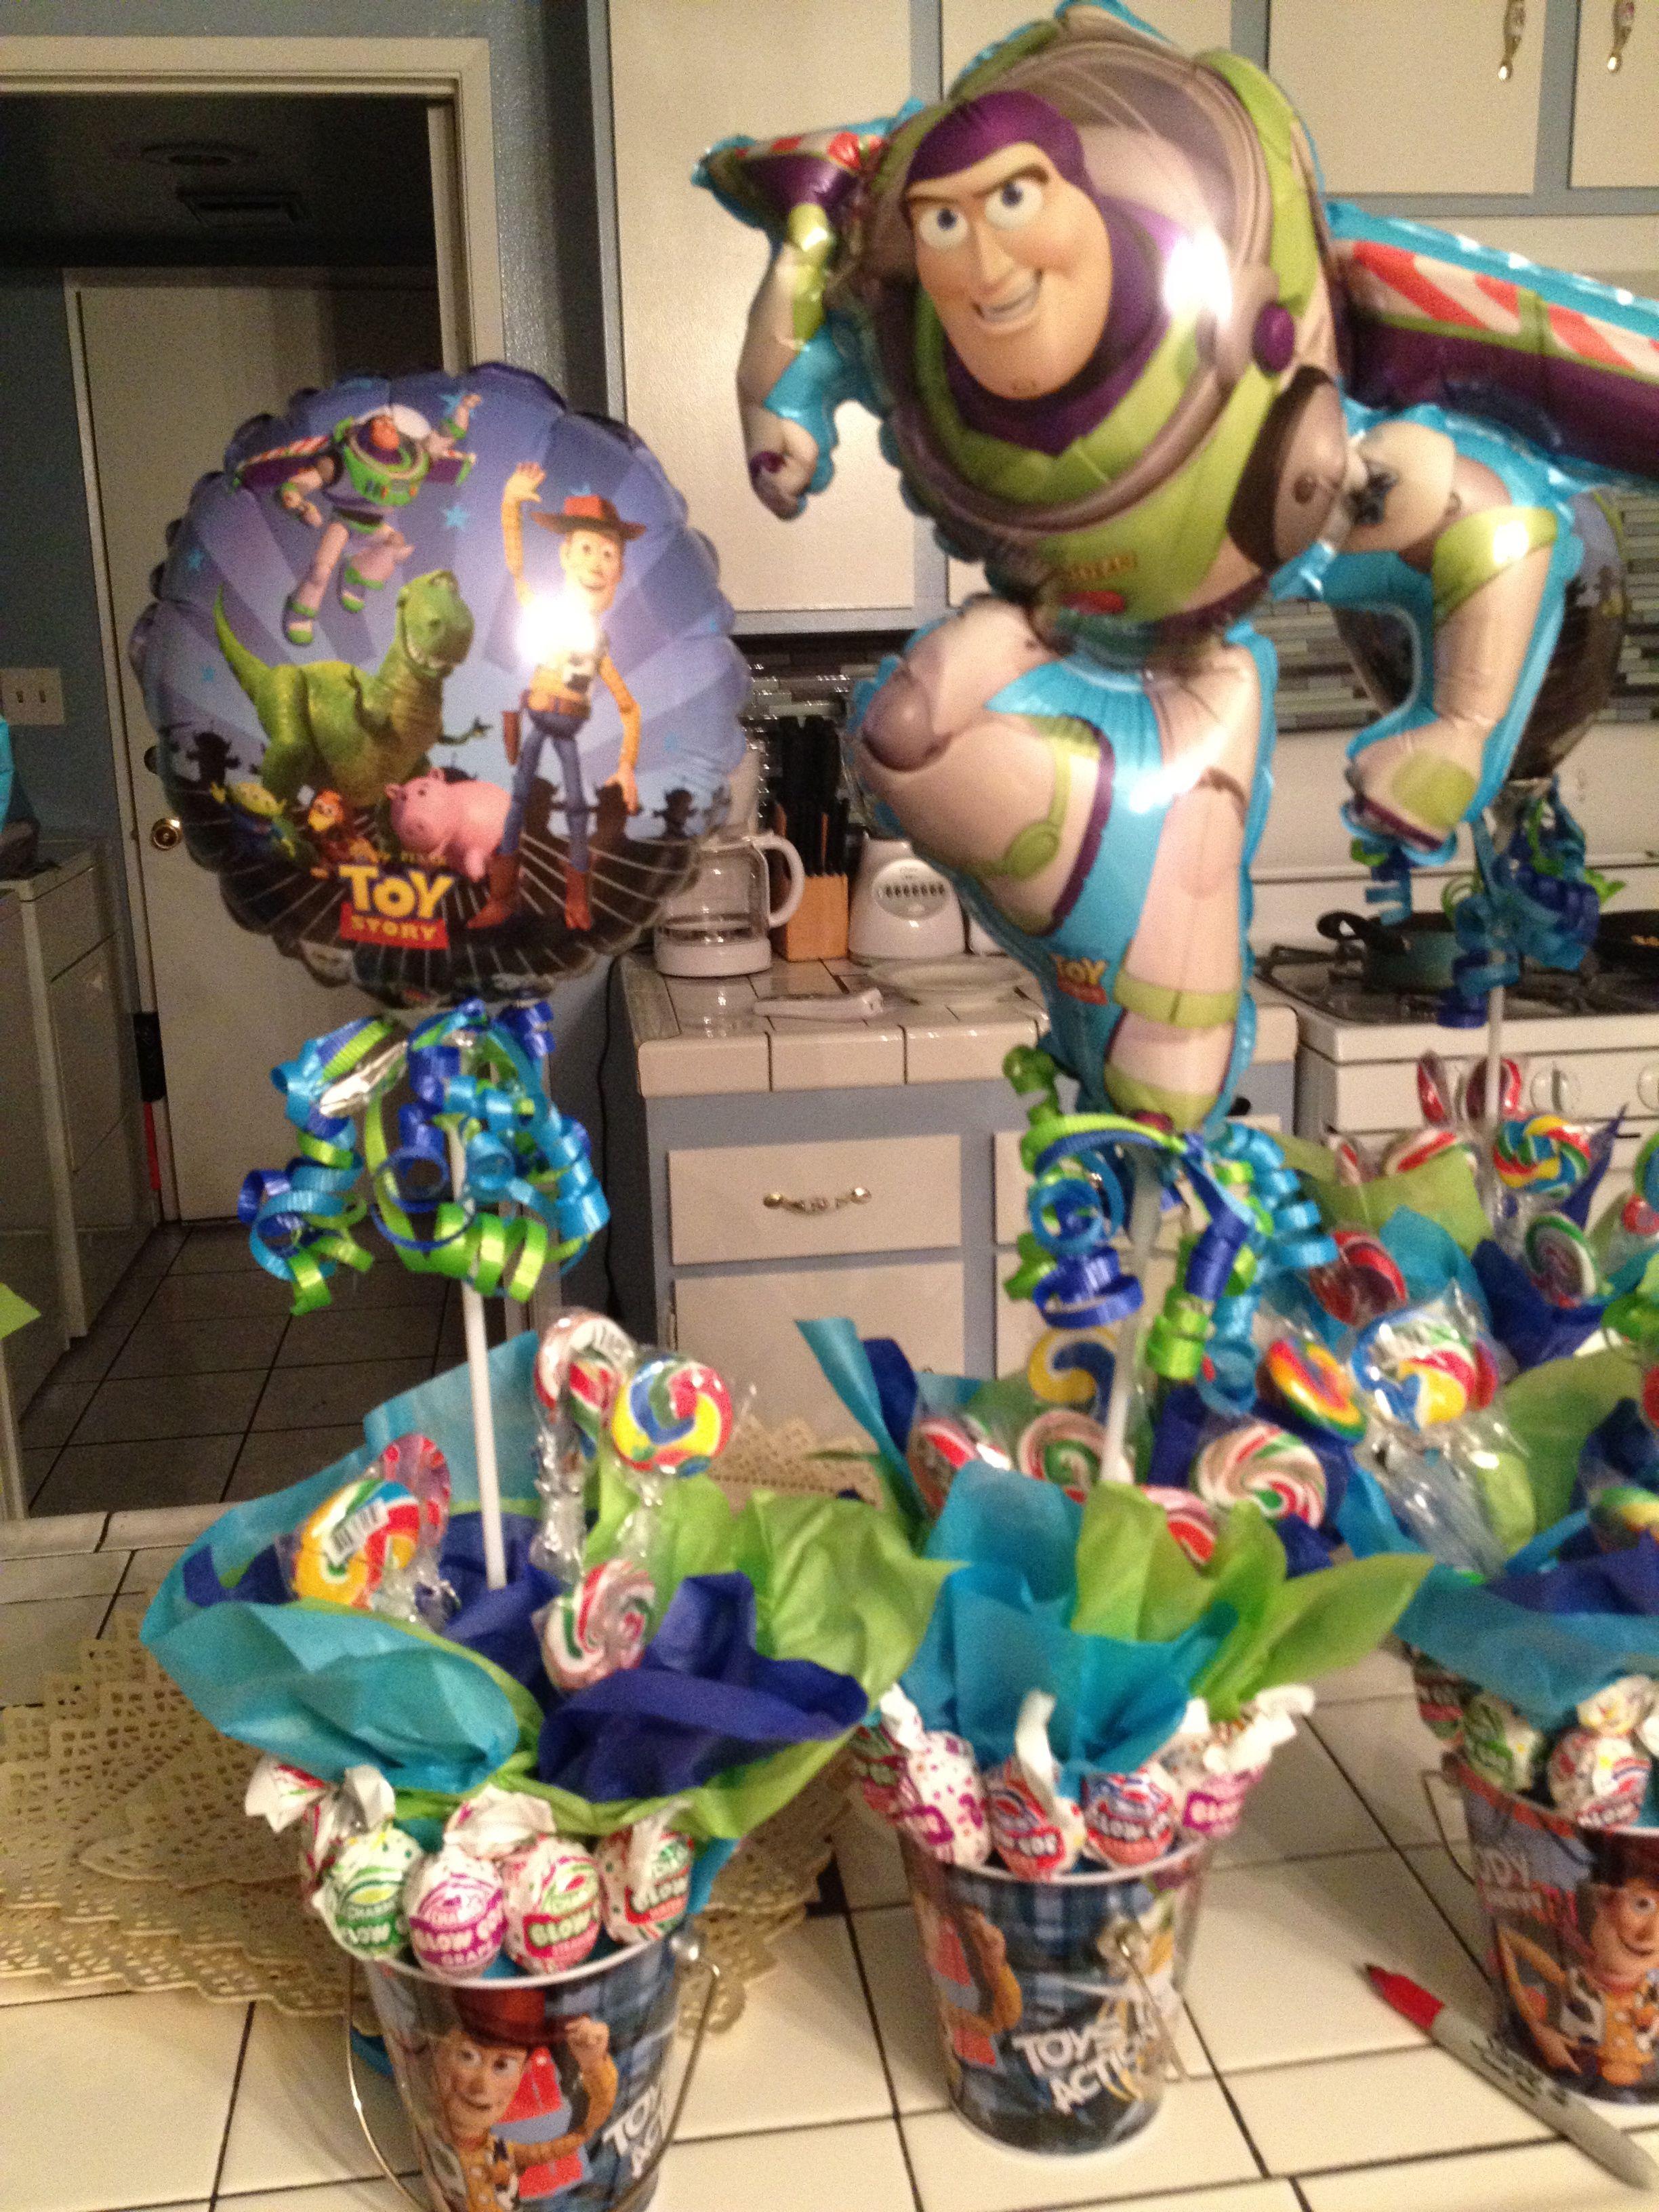 buzz lightyear centerpieces for my nephew s birthday party ta da rh pinterest com buzz lightyear centerpiece ideas